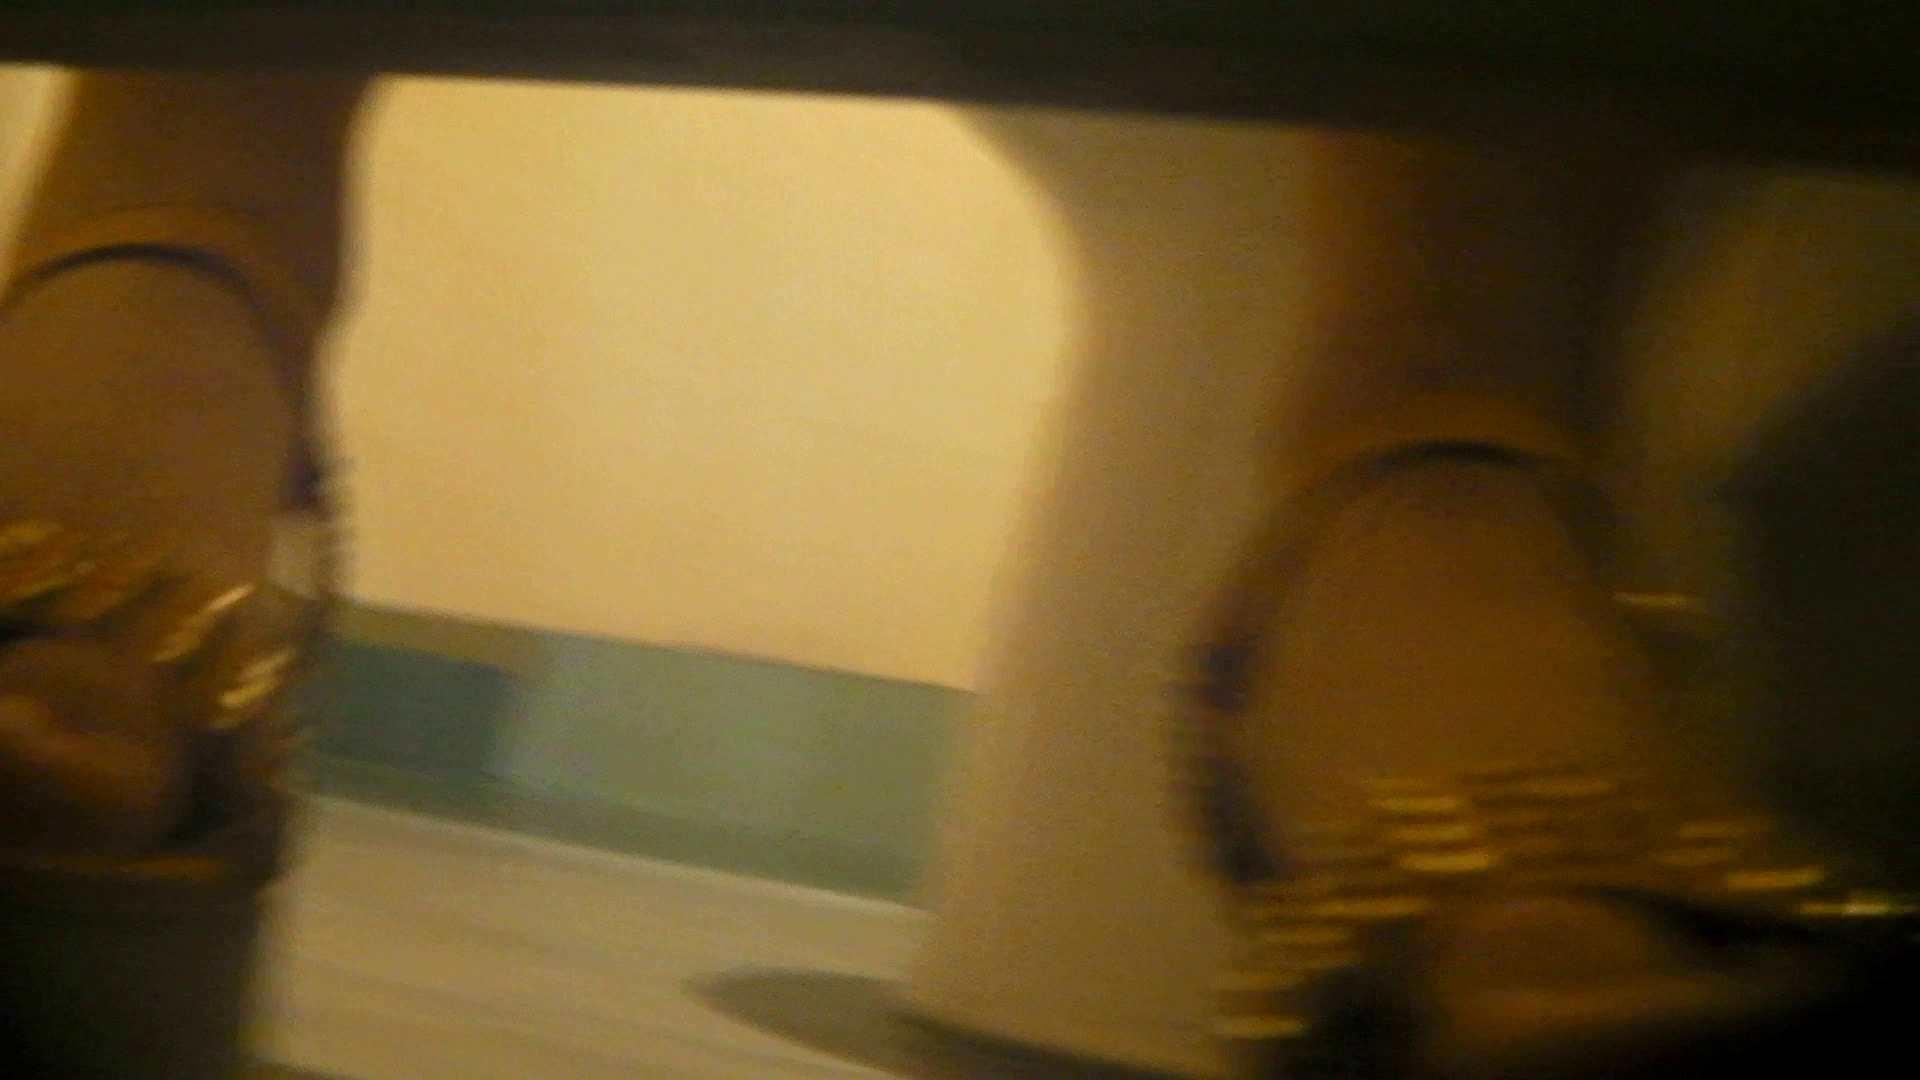 阿国ちゃんの「和式洋式七変化」No.14 盛合せ SEX無修正画像 57画像 33